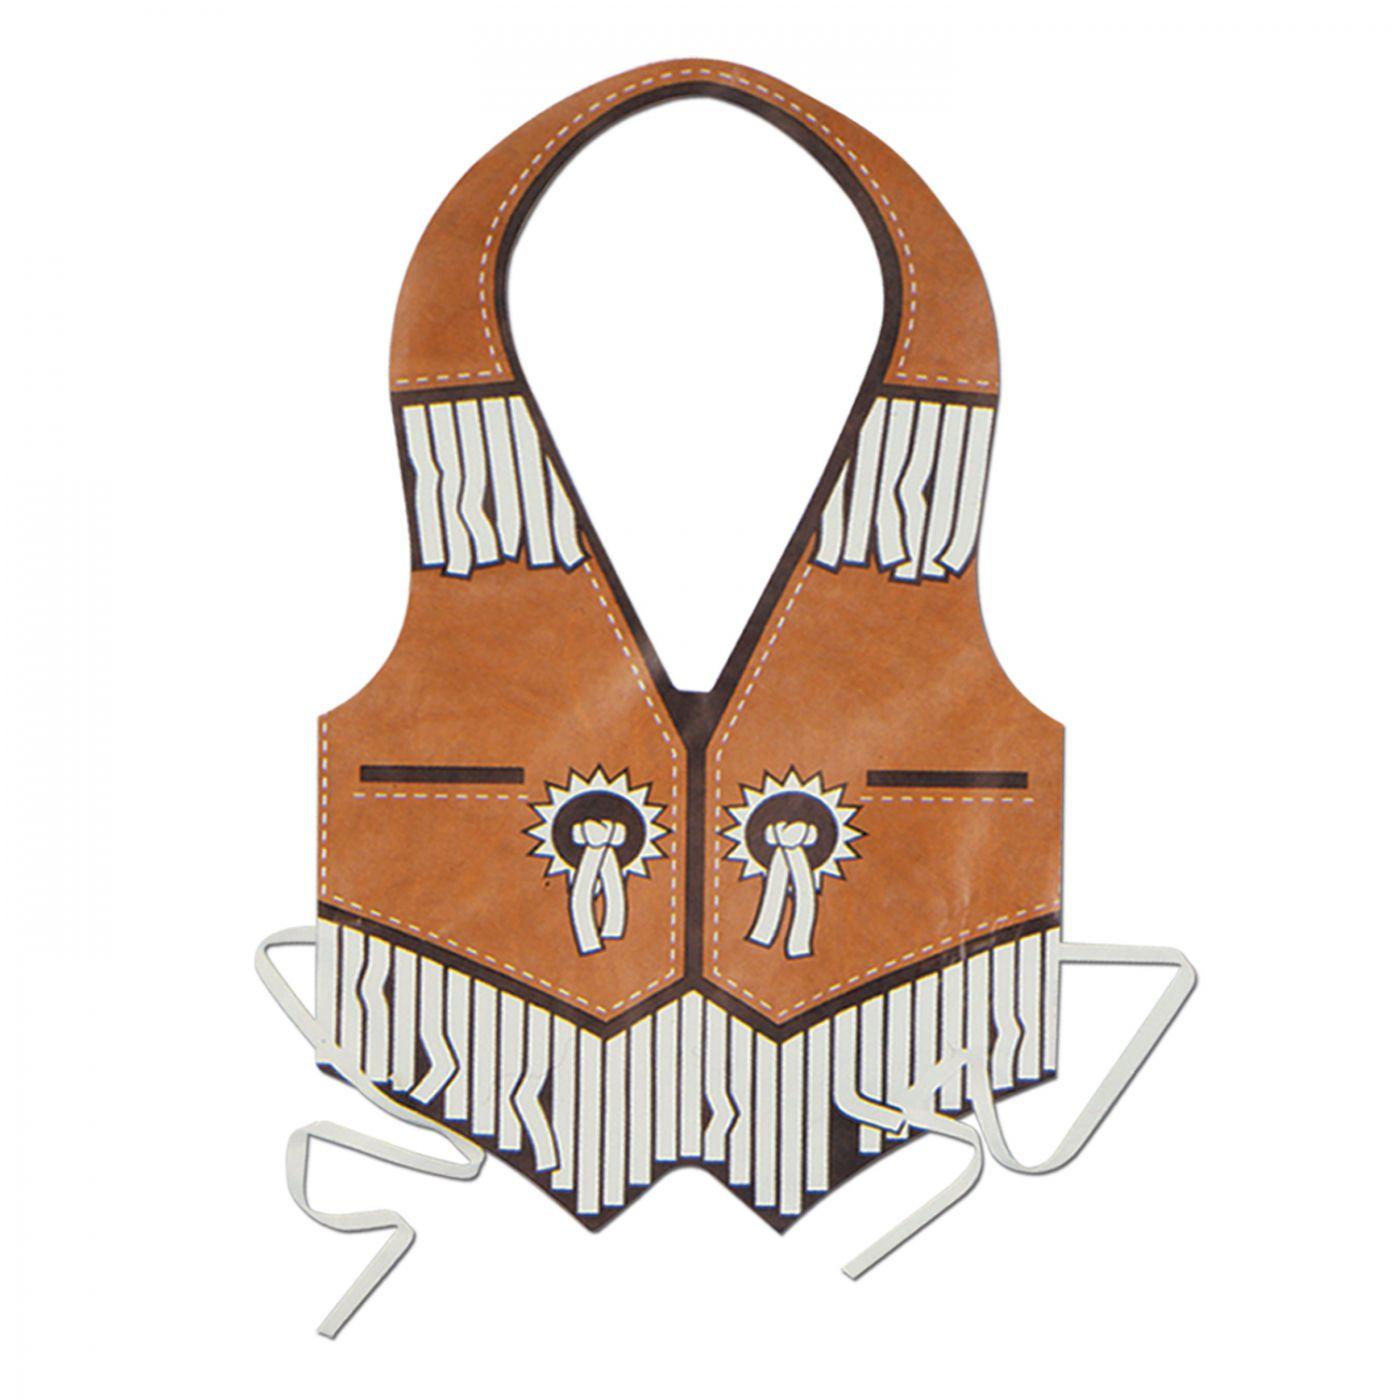 Pkgd Plastic Western Vest (24) image